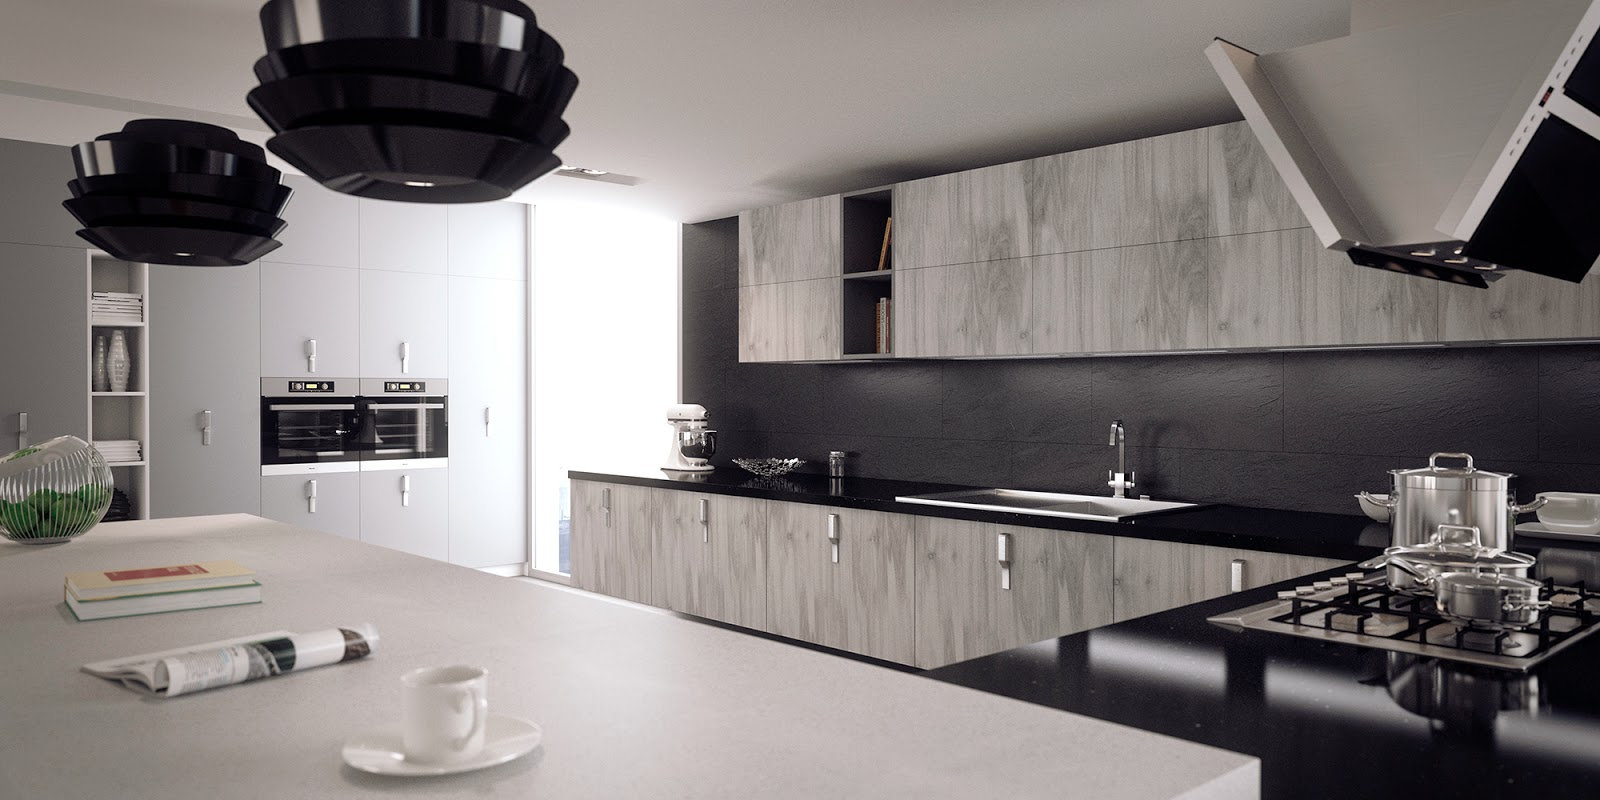 Jose vicente sanz march ambiente cocina con muebles en - Muebles blanco y negro ...